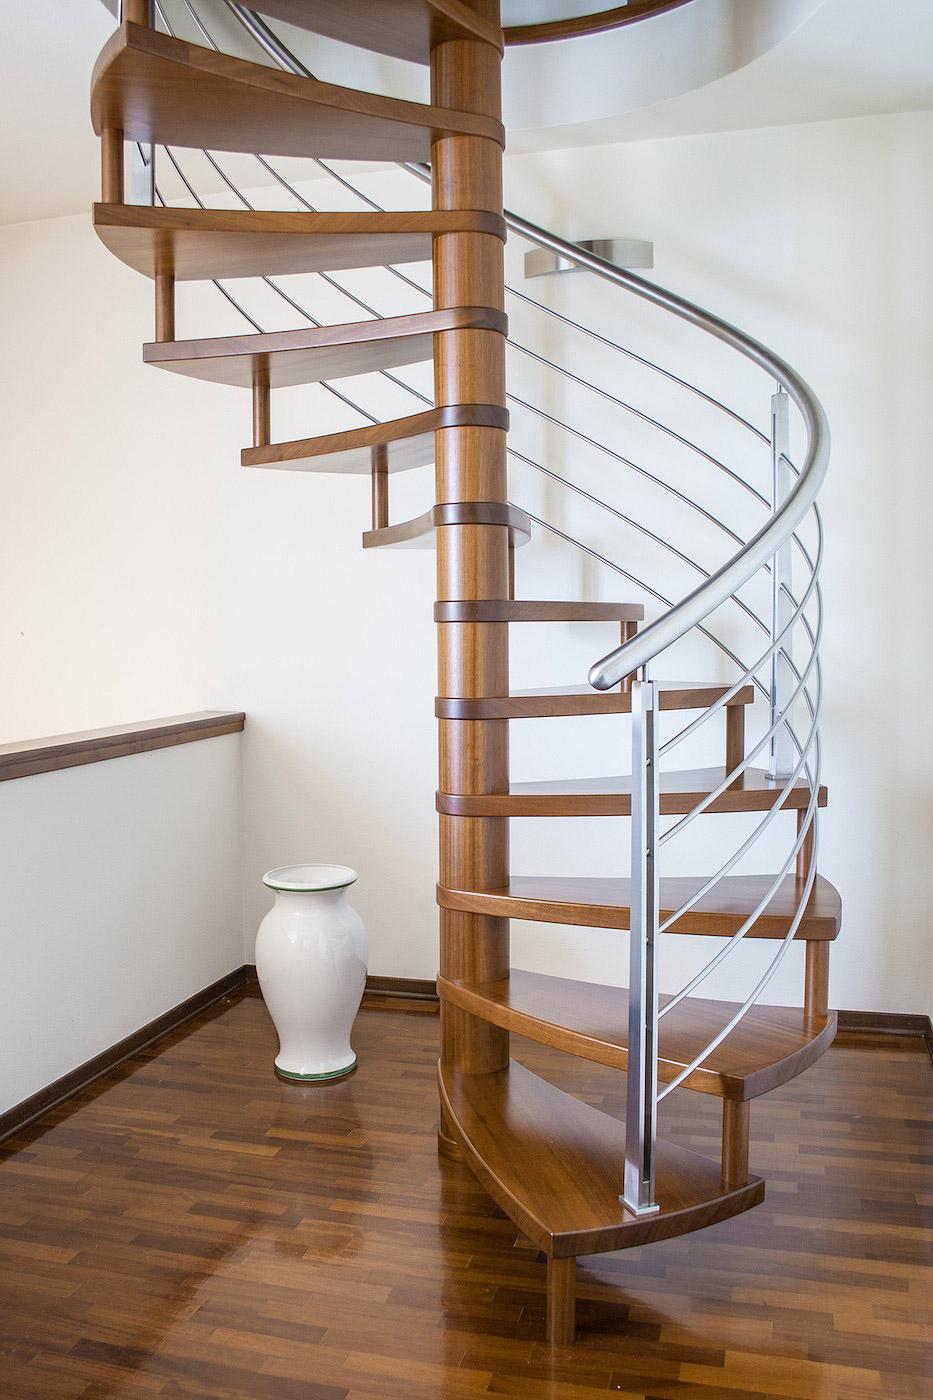 Scala a chiocciola in legno e acciaio de stalis scale for Quadrato della scala a chiocciola